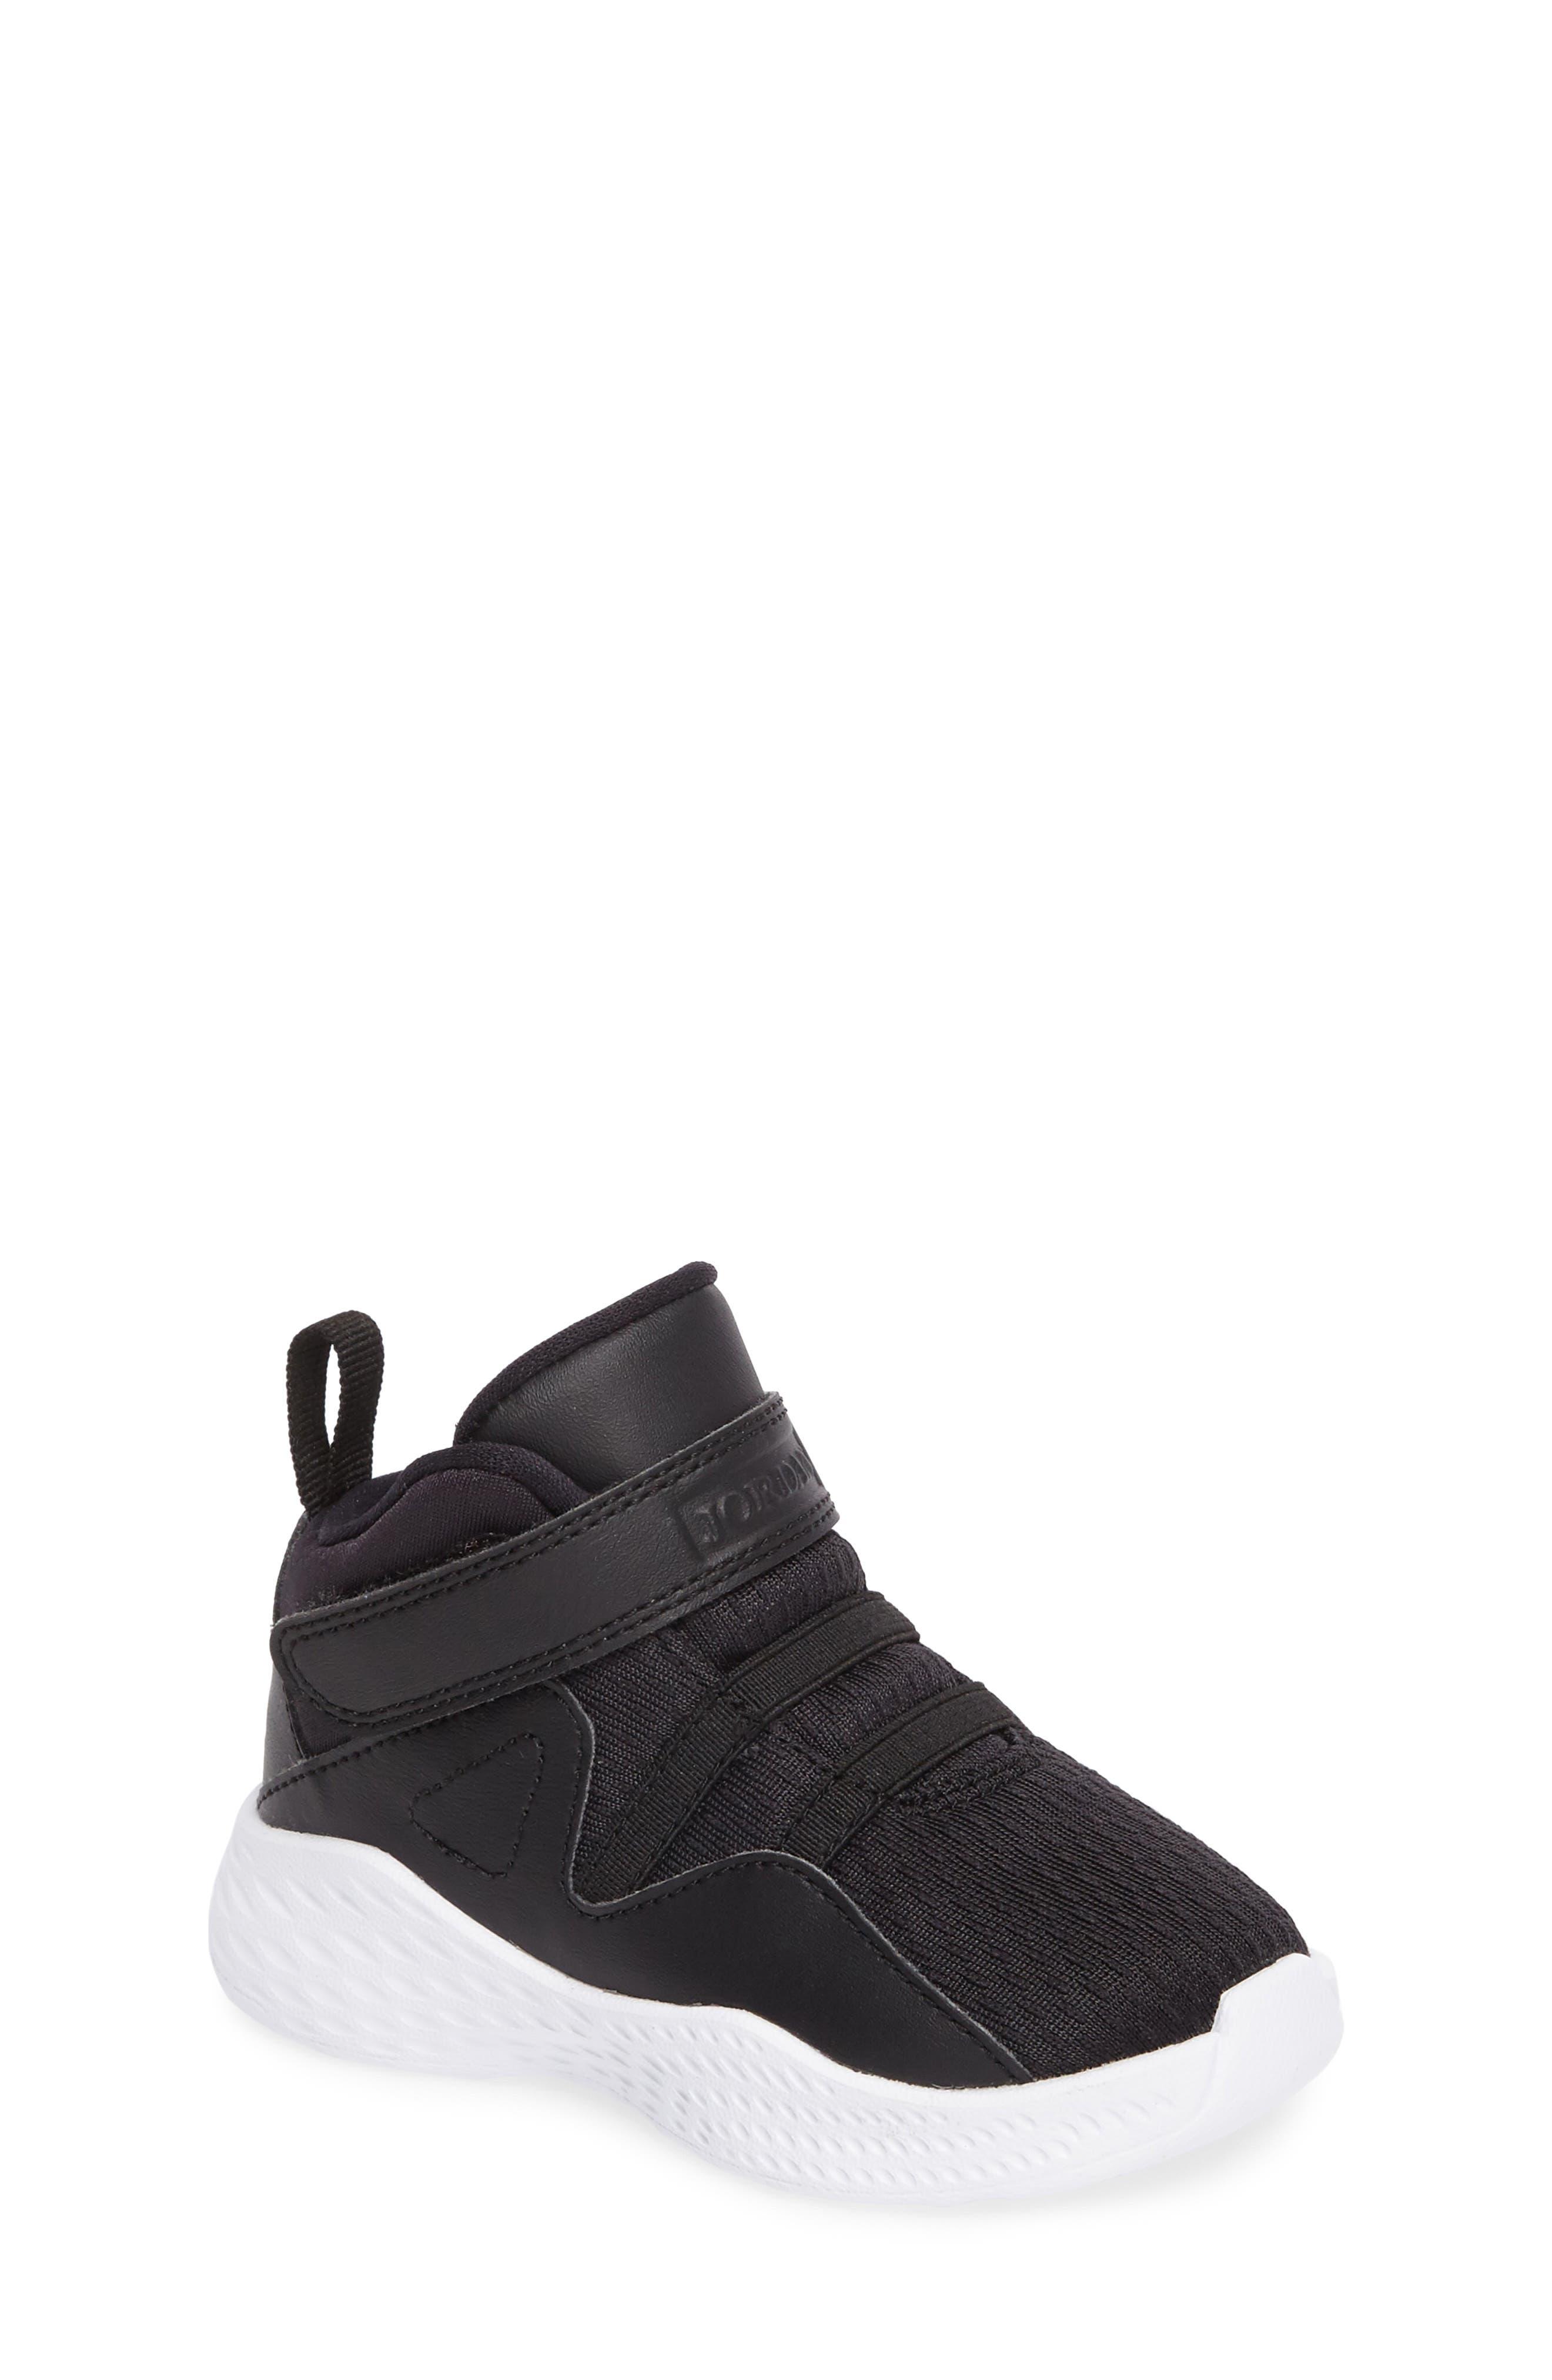 Jordan Formula 23 Basketball Shoe,                             Main thumbnail 1, color,